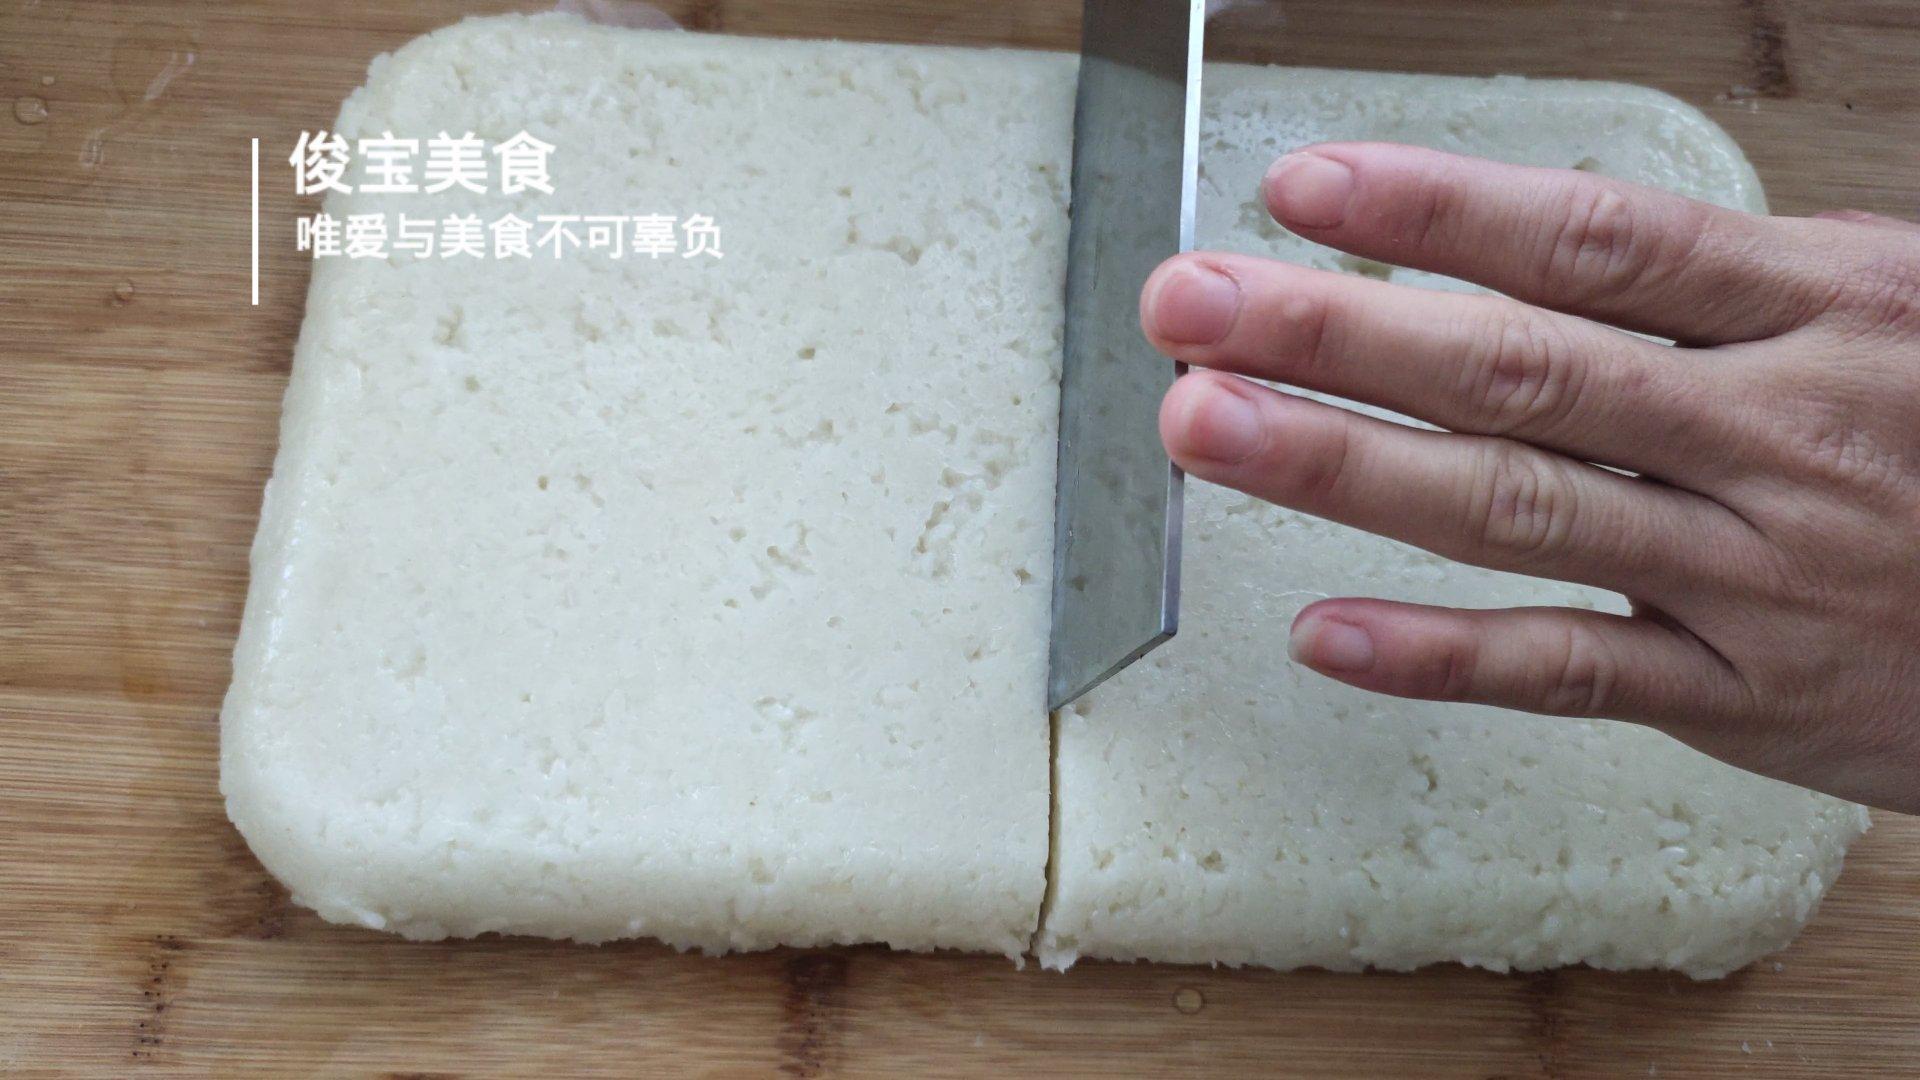 纯手工糍粑制作教程, 做法简单易上手, 香酥软糯有嚼劲